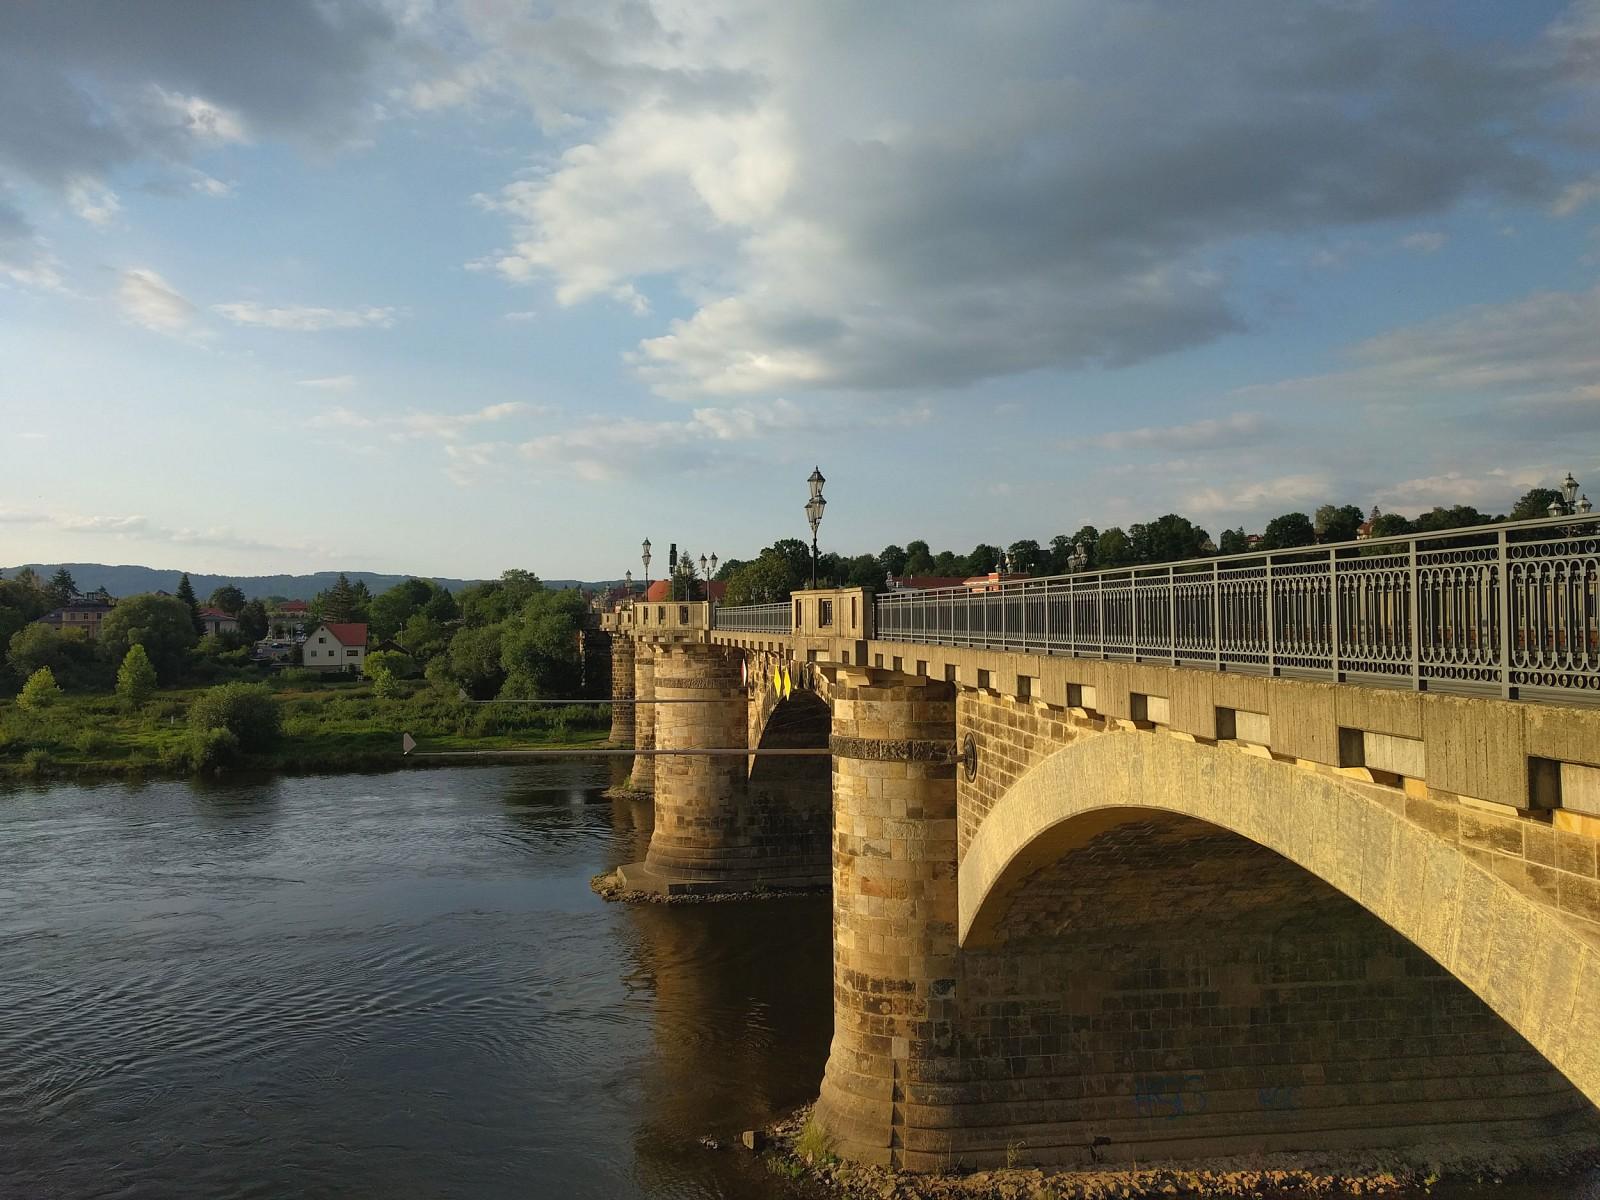 pEinnbspstimmungsvolles-Abendlicht-empfaumlngt-uns-in-Pirna-Es-lohnt-sich-einen-Tag-extra-einzuplanennbspDas-Elbufer-und-die-Altstadt-mit-dem-thronenden-Schloss-ist-eine-Erkundung-auf-jeden-Fall-wertnbspp